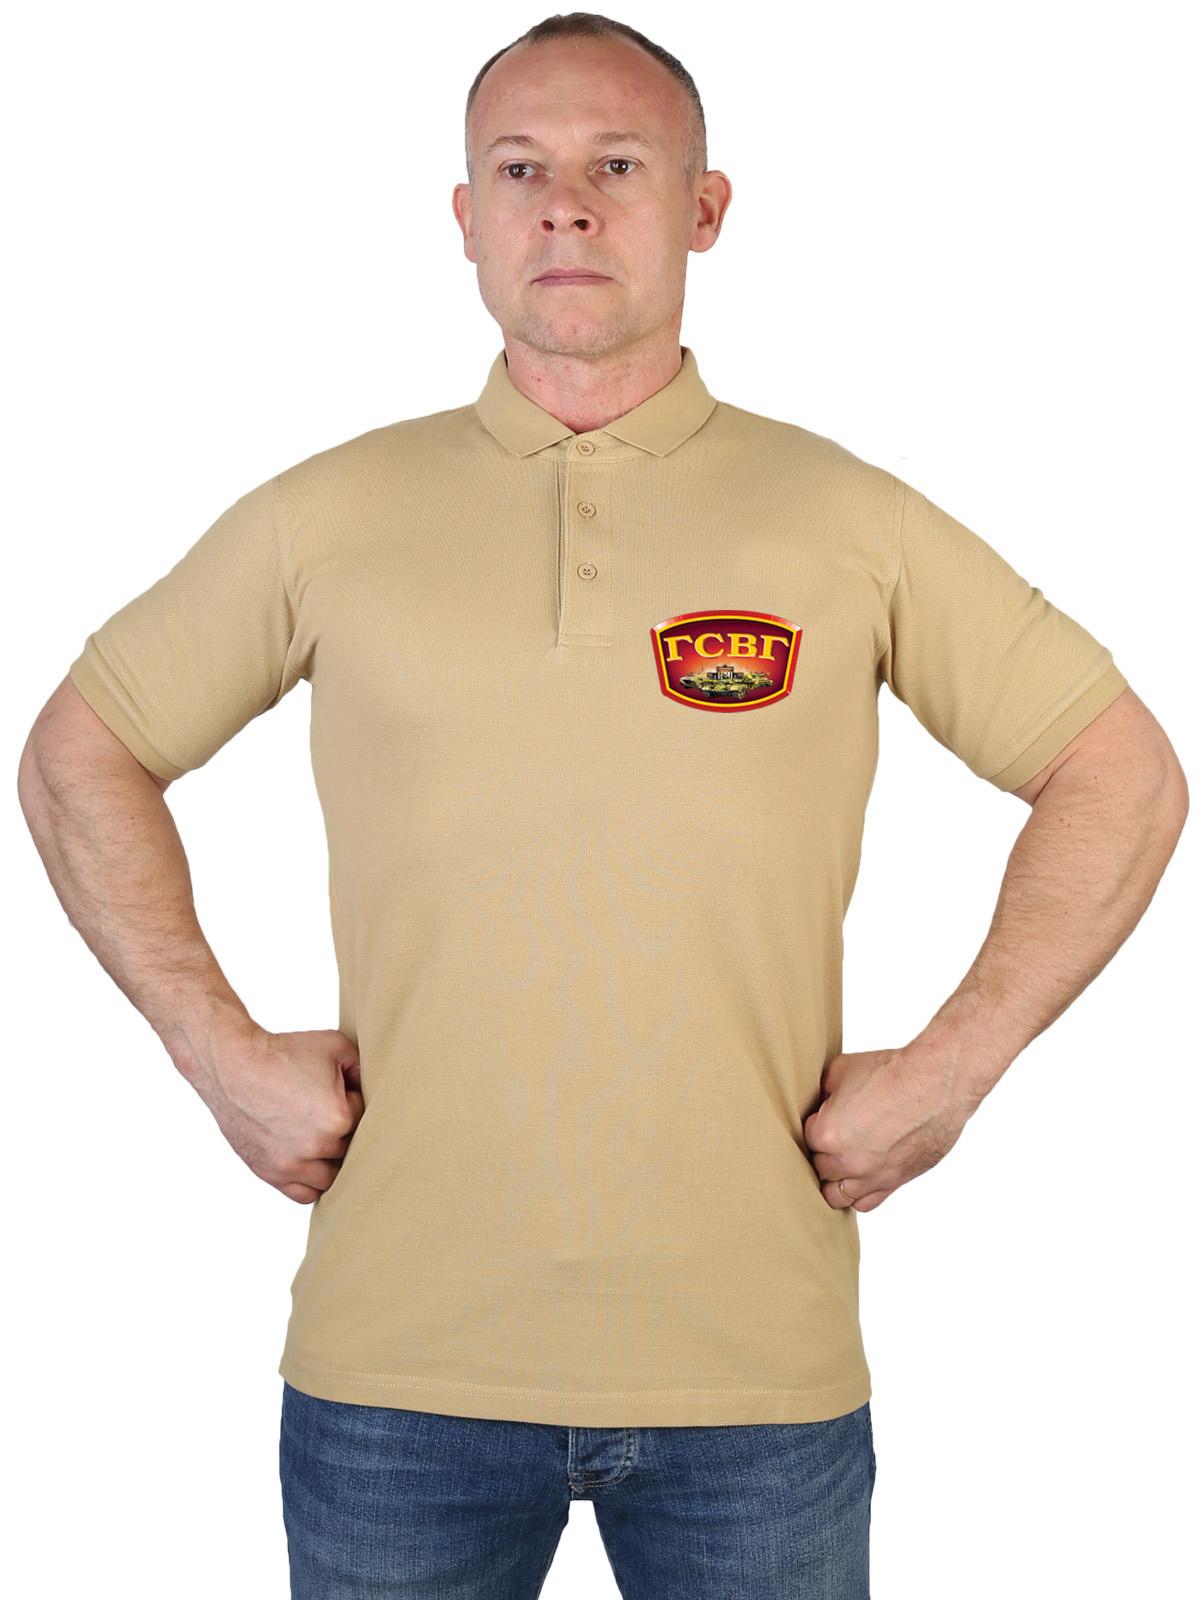 Купить надежную мужскую футболку-поло с термотрансфером ГСВГ онлайн